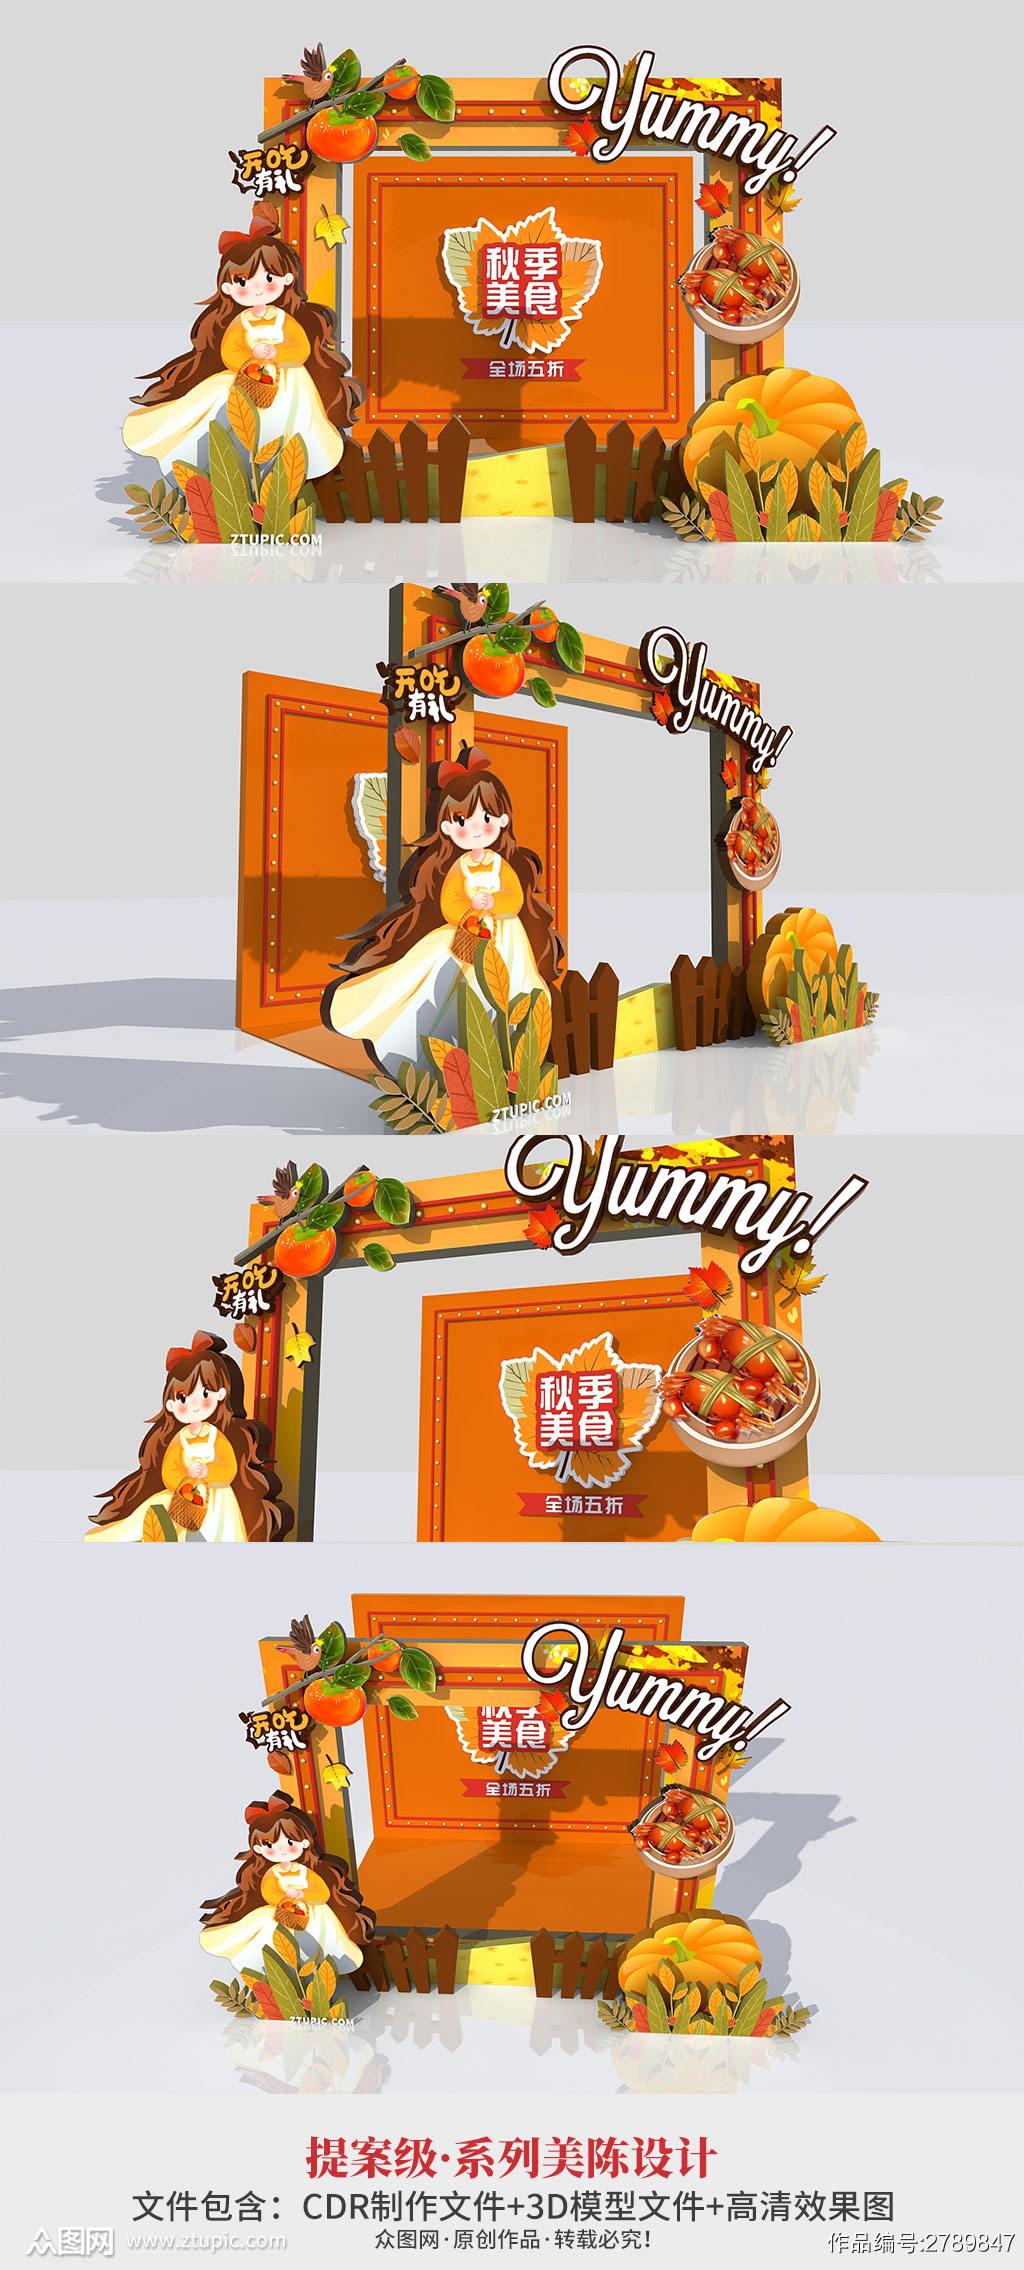 丰收节 卡通秋季美食美陈秋天美陈素材